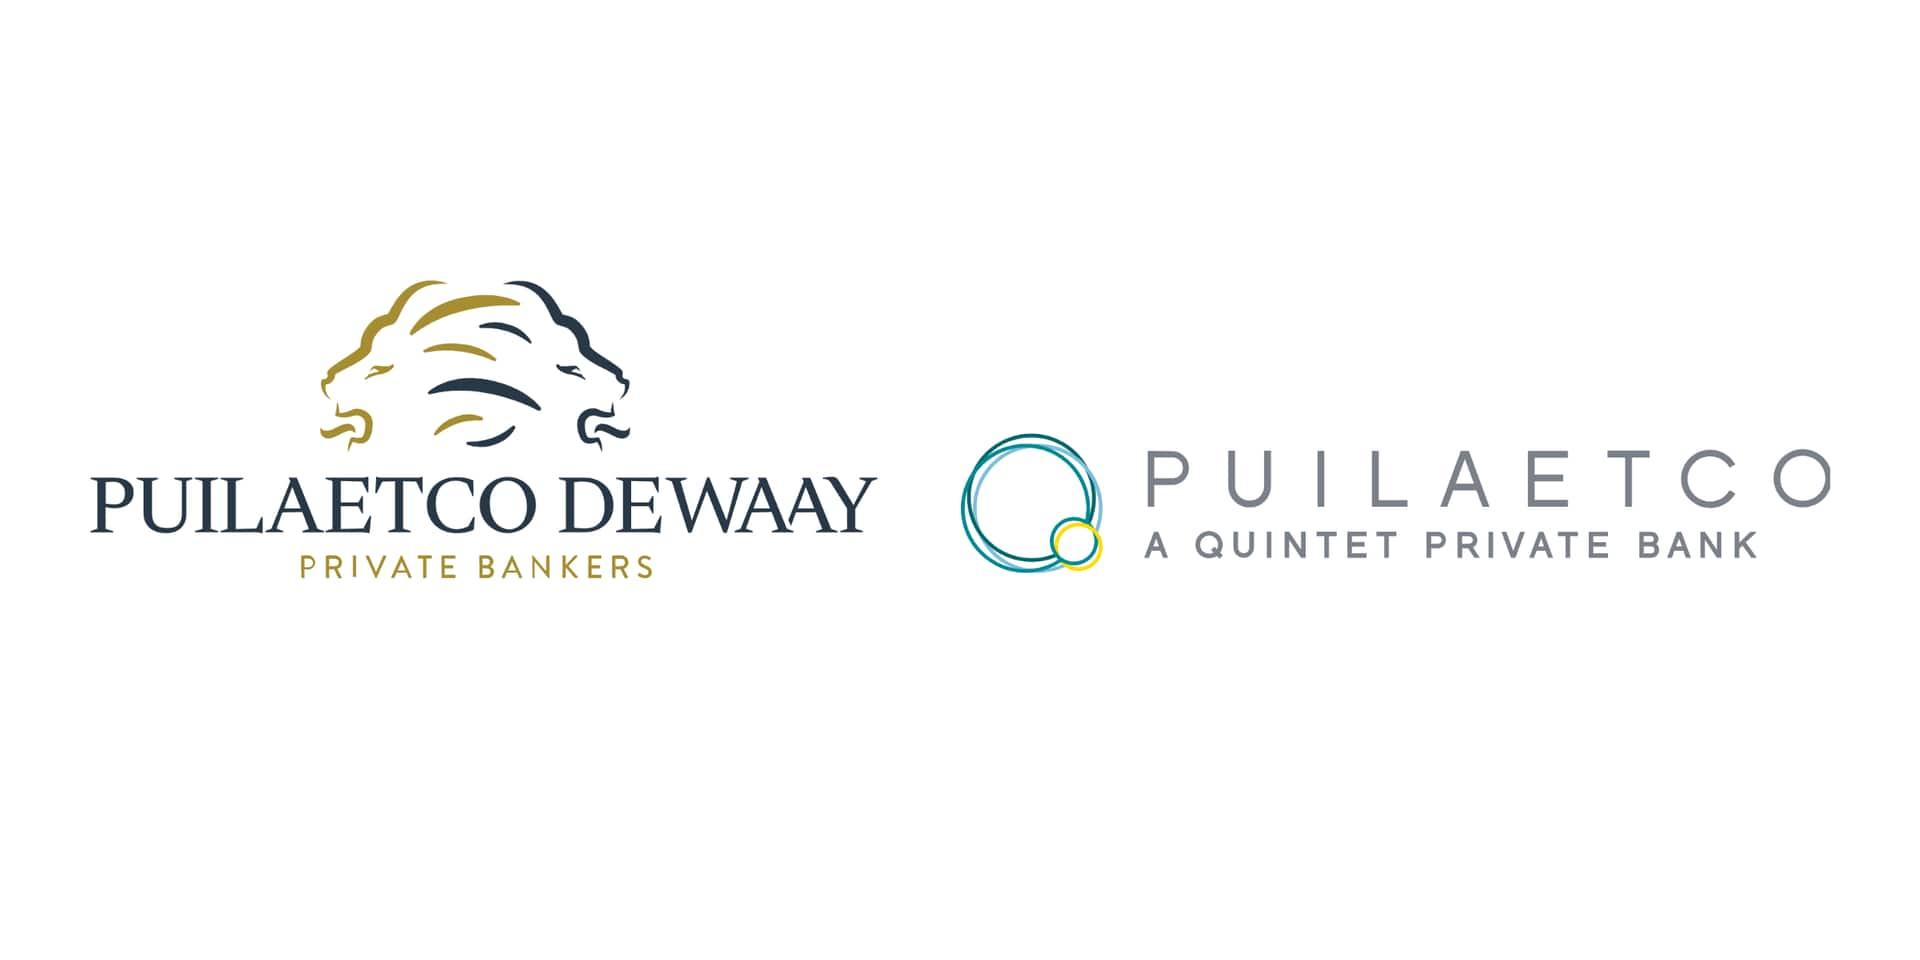 La banque Puilaetco Dewaay rebaptisée… Puilaetco